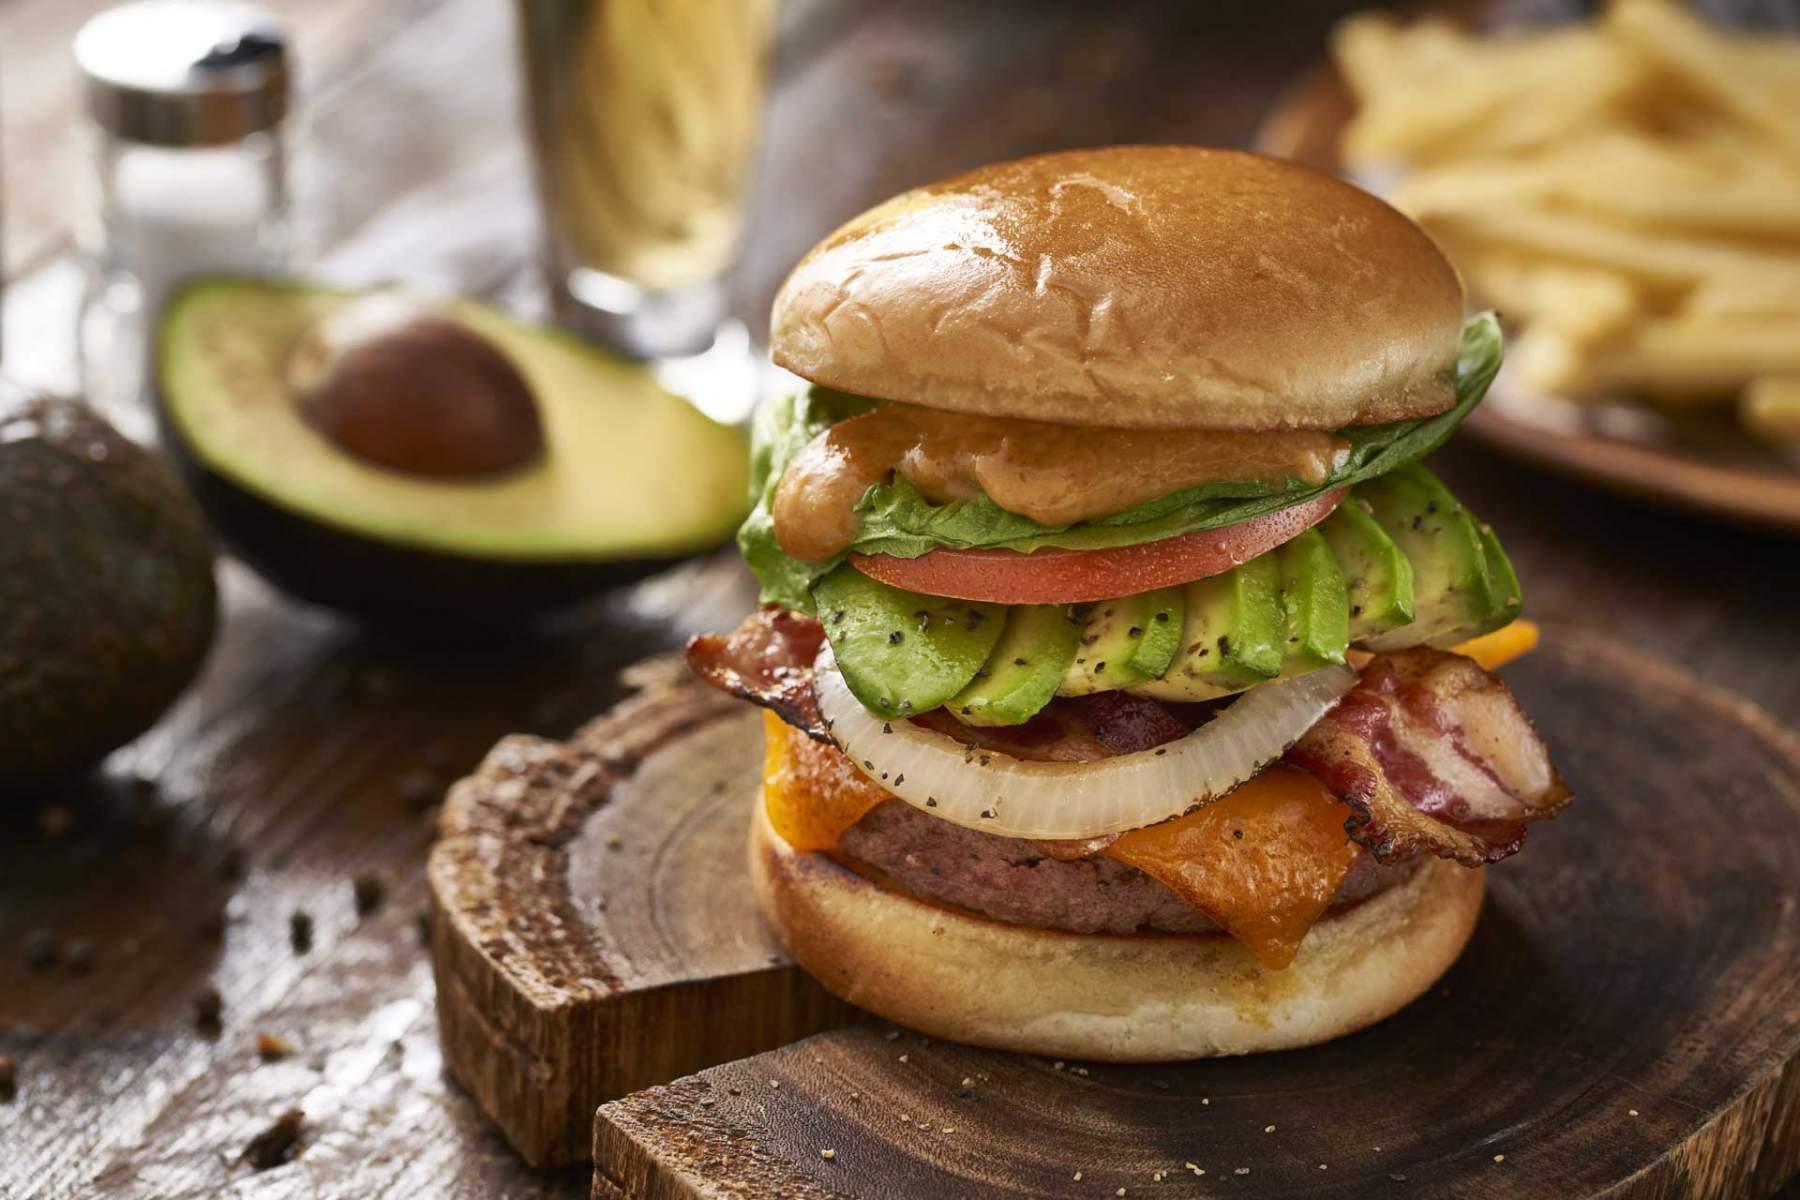 Food-Photography-Singapore-Burger-3-2